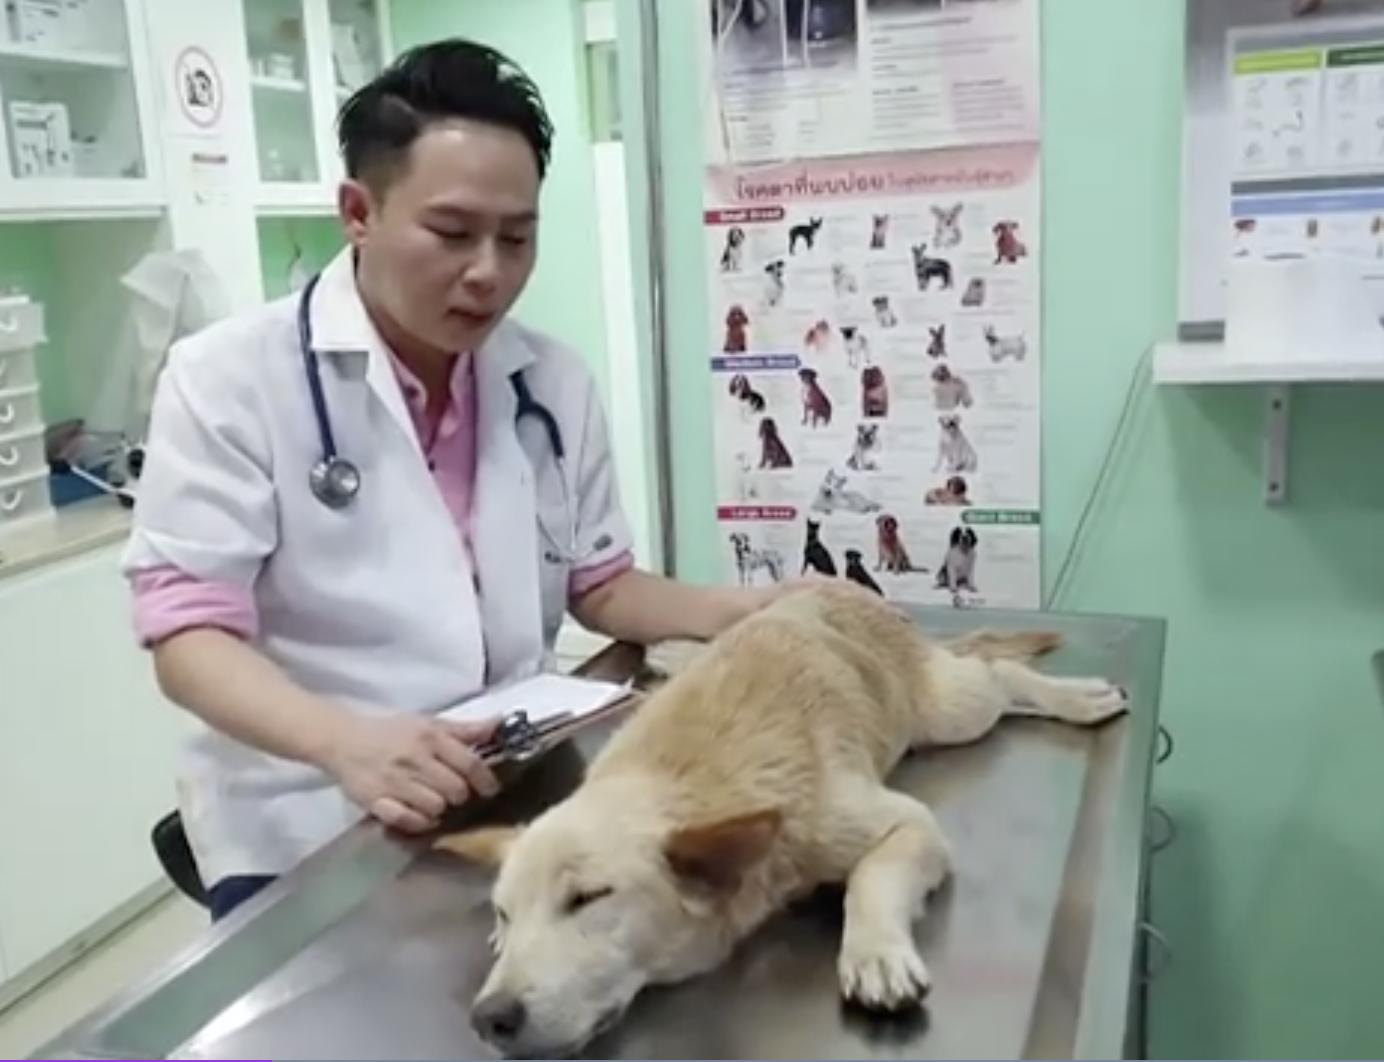 Dogilike.com :: พบสุนัขถูกยิงด้วยฉมวกยิงปลา ทาง รพ.สัตว์เผยเจอแบบนี้มาแล้ว 7 ตัว